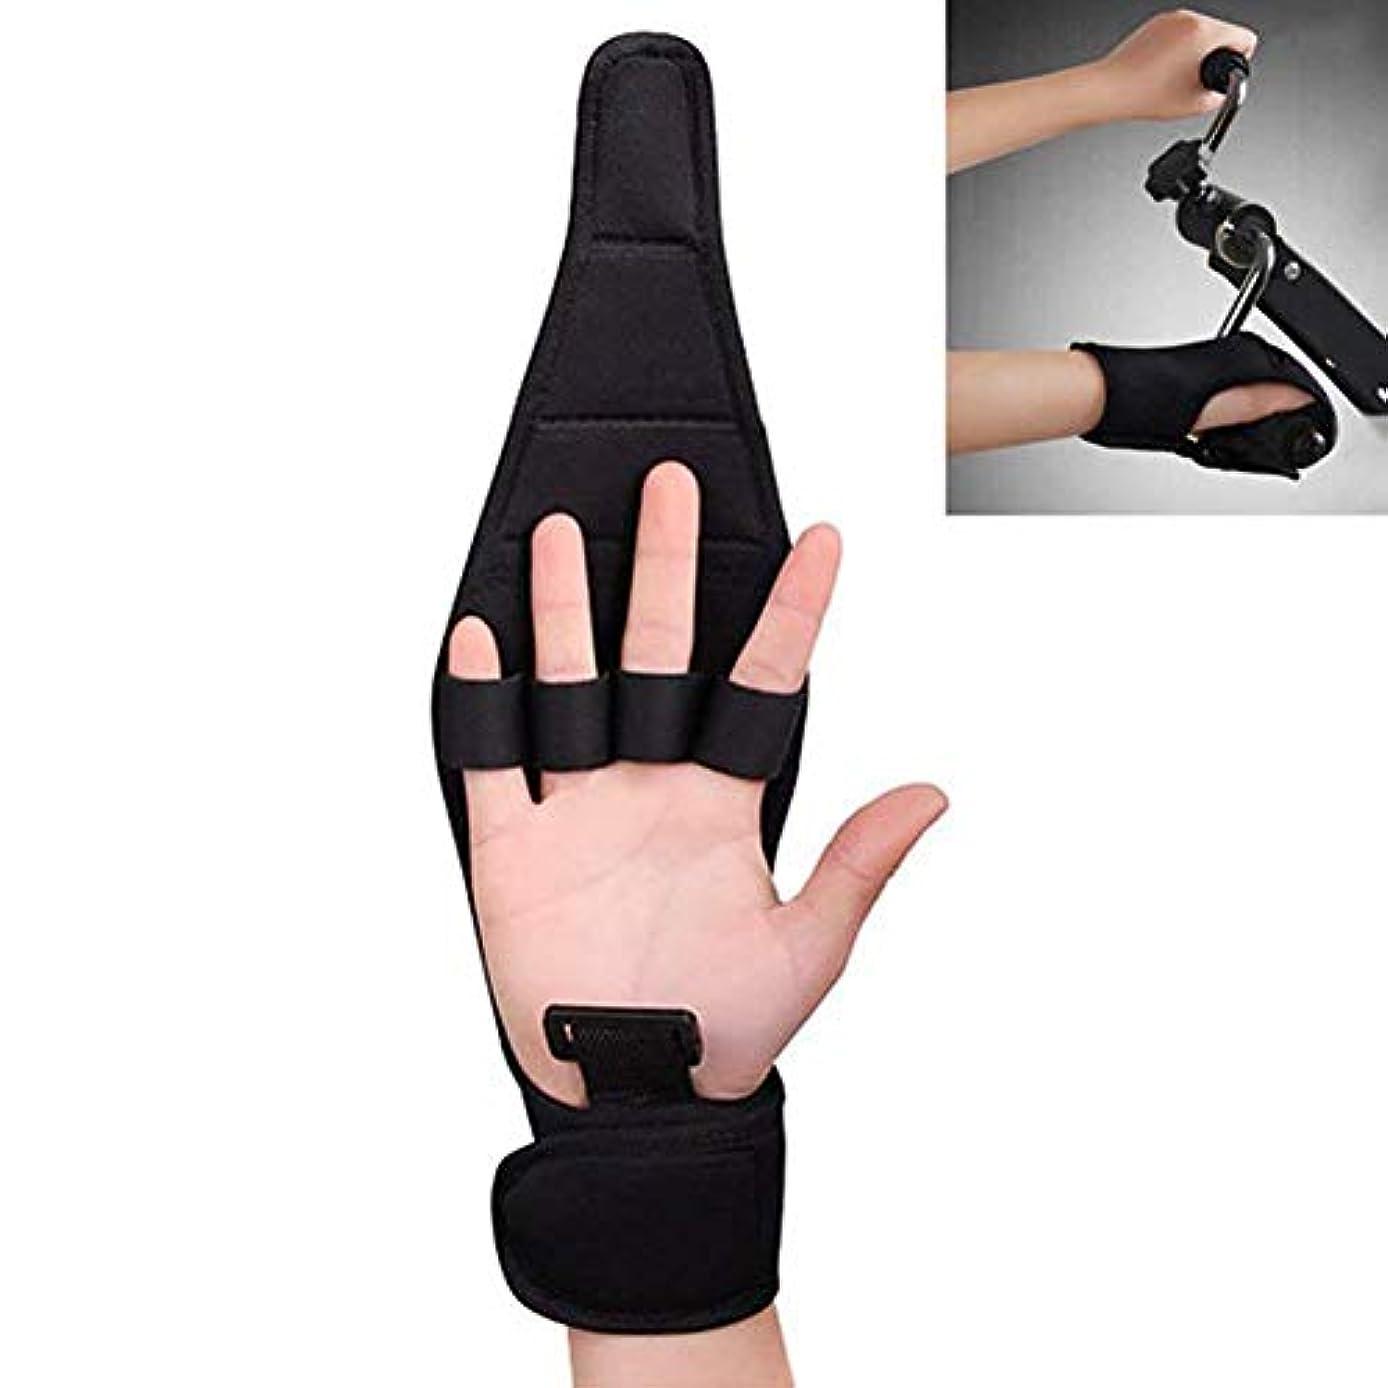 事実長々とご予約トリガーフィンガースプリント、関節炎グローブセパレーターでのトレーニングサポートをサポート手装具手首の怪我リハビリテーショントレーニング,1PCS